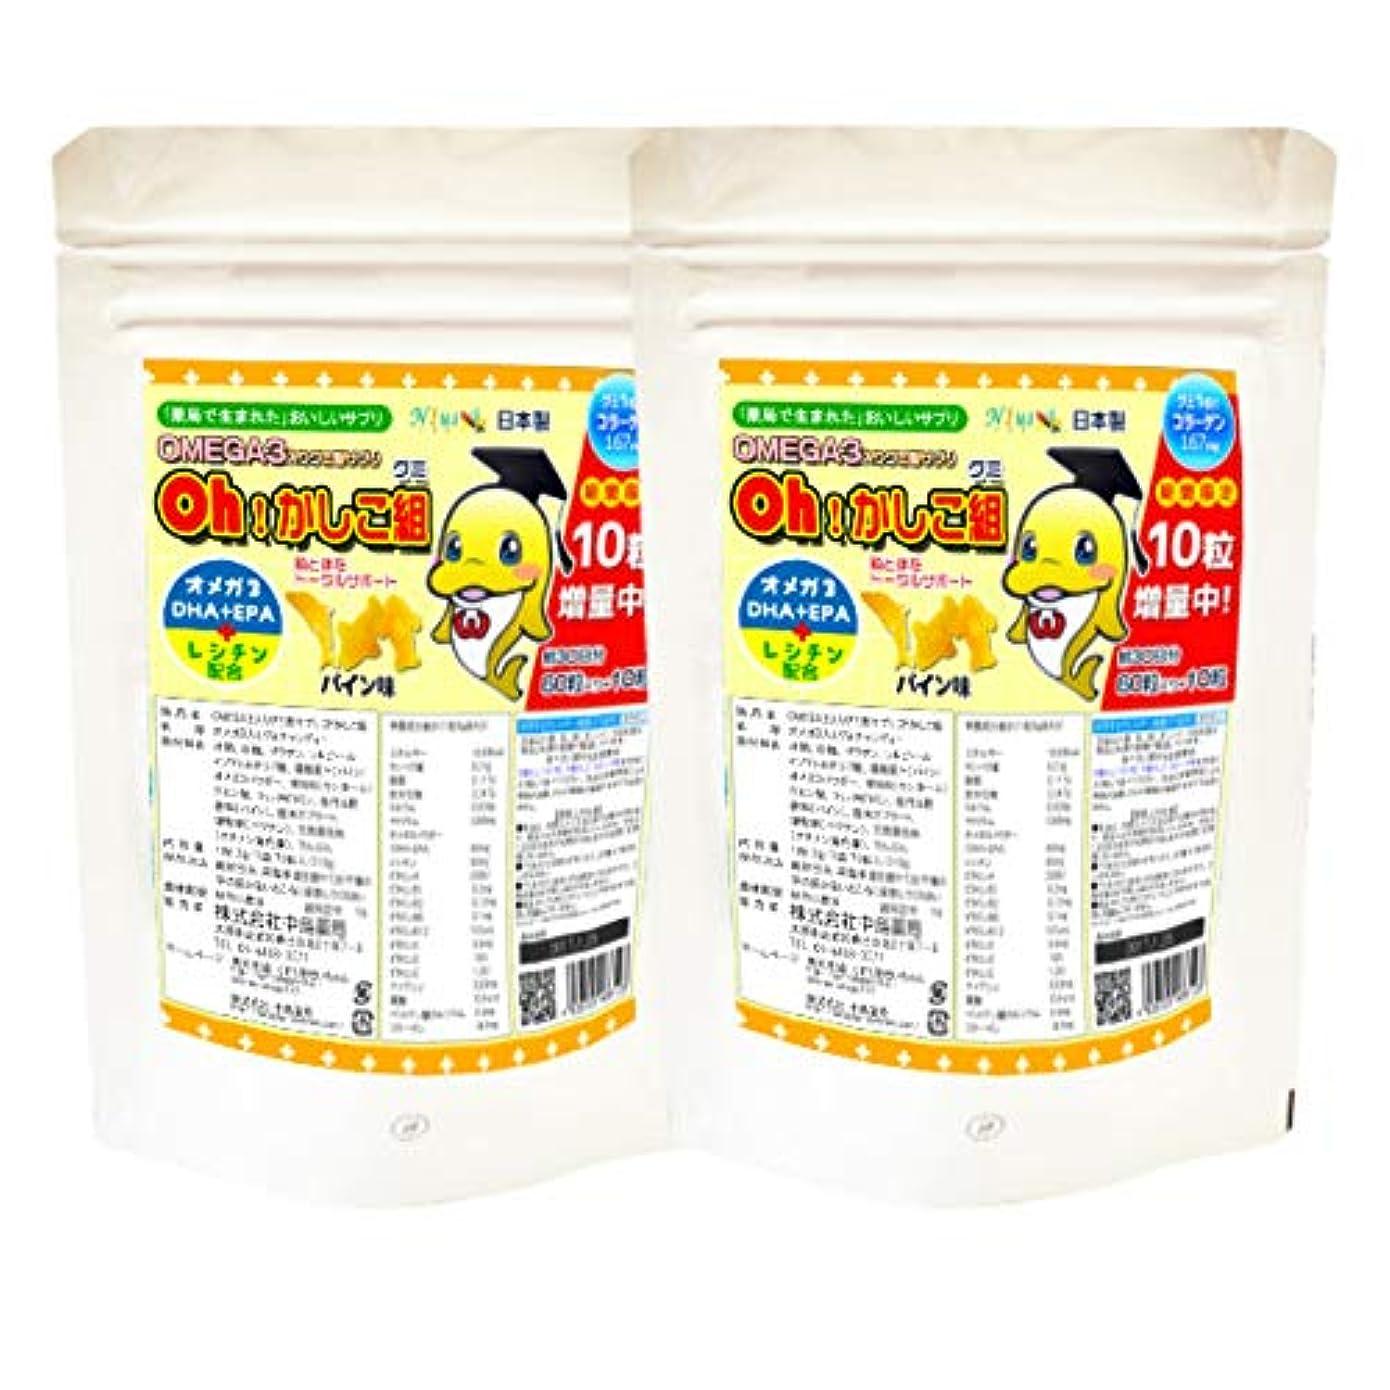 柔らかさ音楽本会議オメガ3グミ2袋セット【Oh!かしこ組オメガ3グミ60粒入(約1か月分)×2袋セット】今なら10粒増量中!パイナップル味?(レシチン+マルチビタミンも配合)